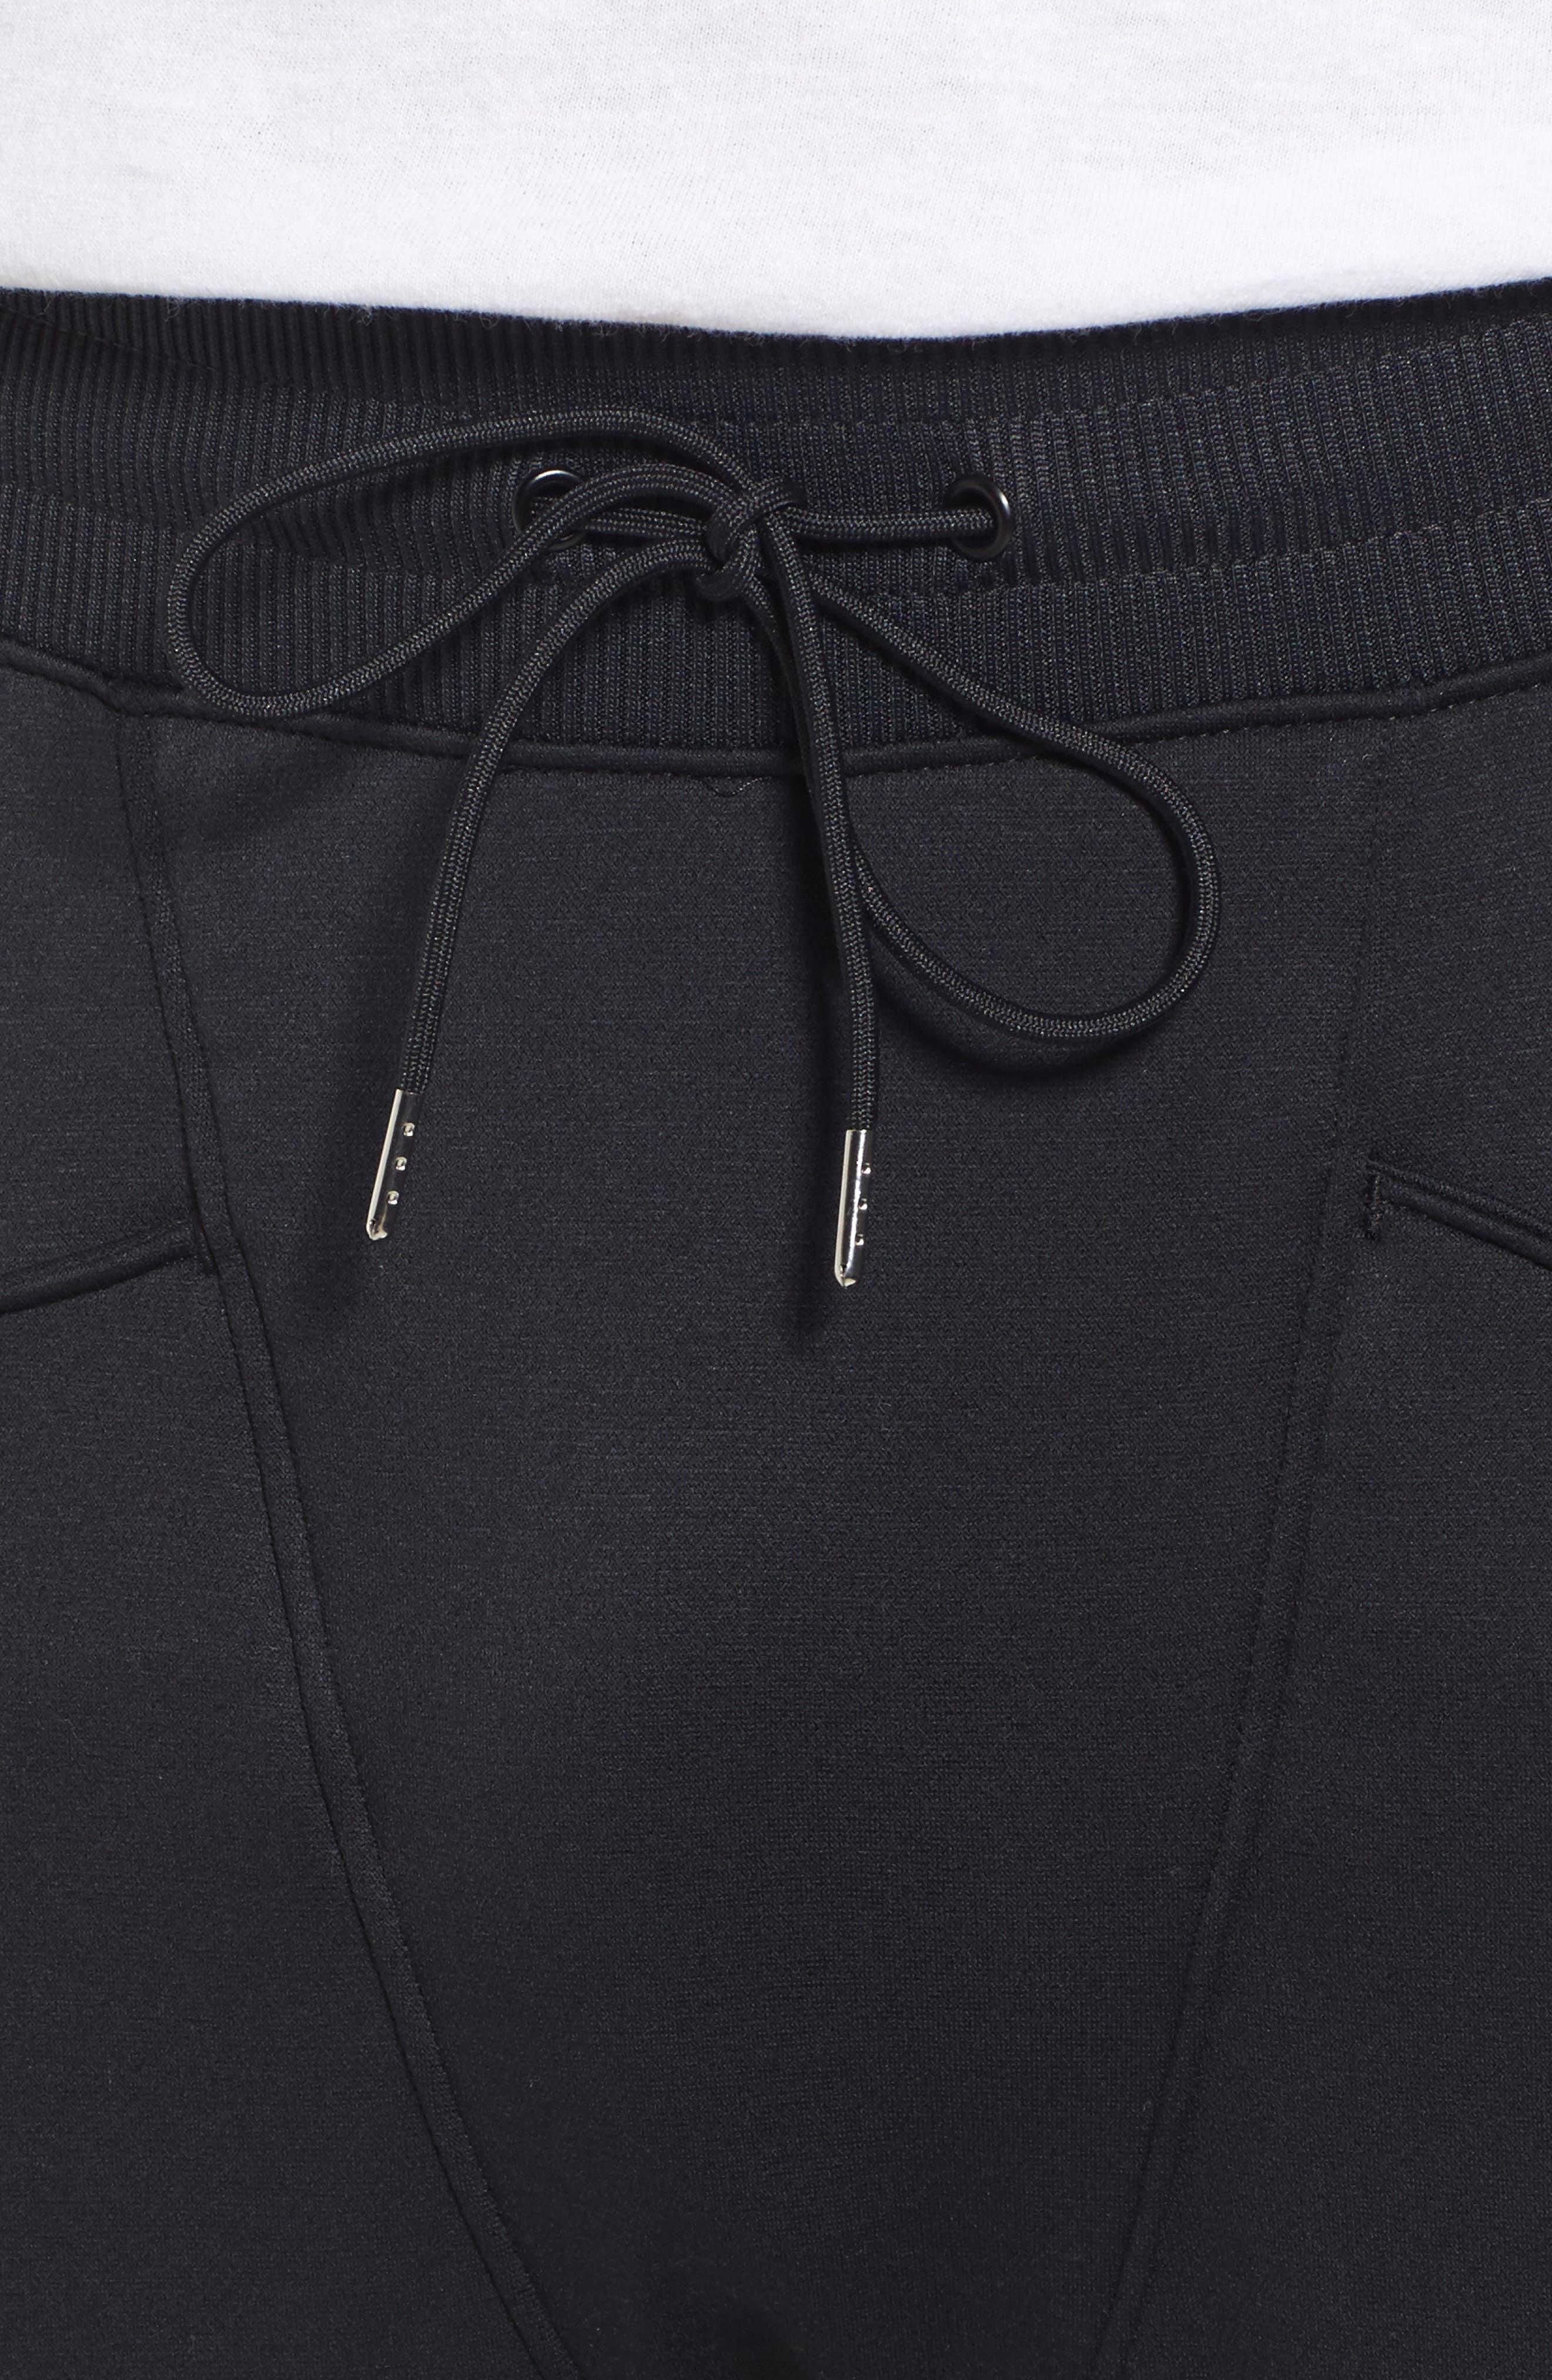 Courtside Training Pants,                             Alternate thumbnail 4, color,                             Black / Black / Black